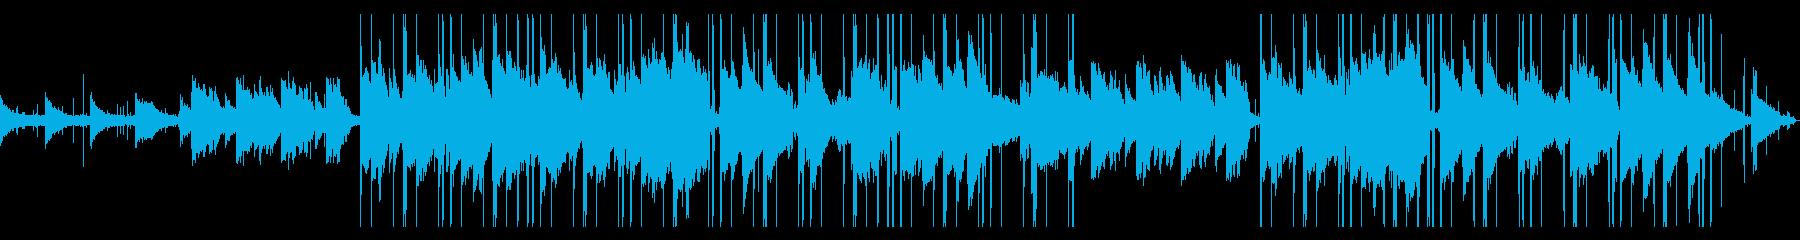 lofi hiphop/カフェ/vlogの再生済みの波形